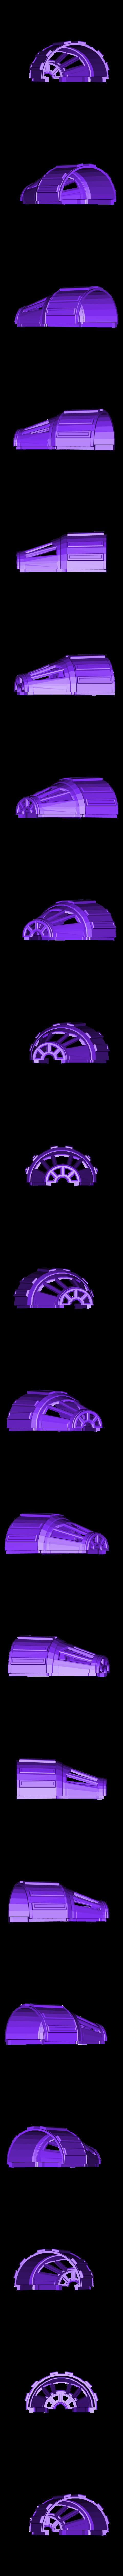 BT_01 (rep).stl Download free STL file Millenium Falcon, Cockpit.  • 3D printable object, Alex_x_x_x